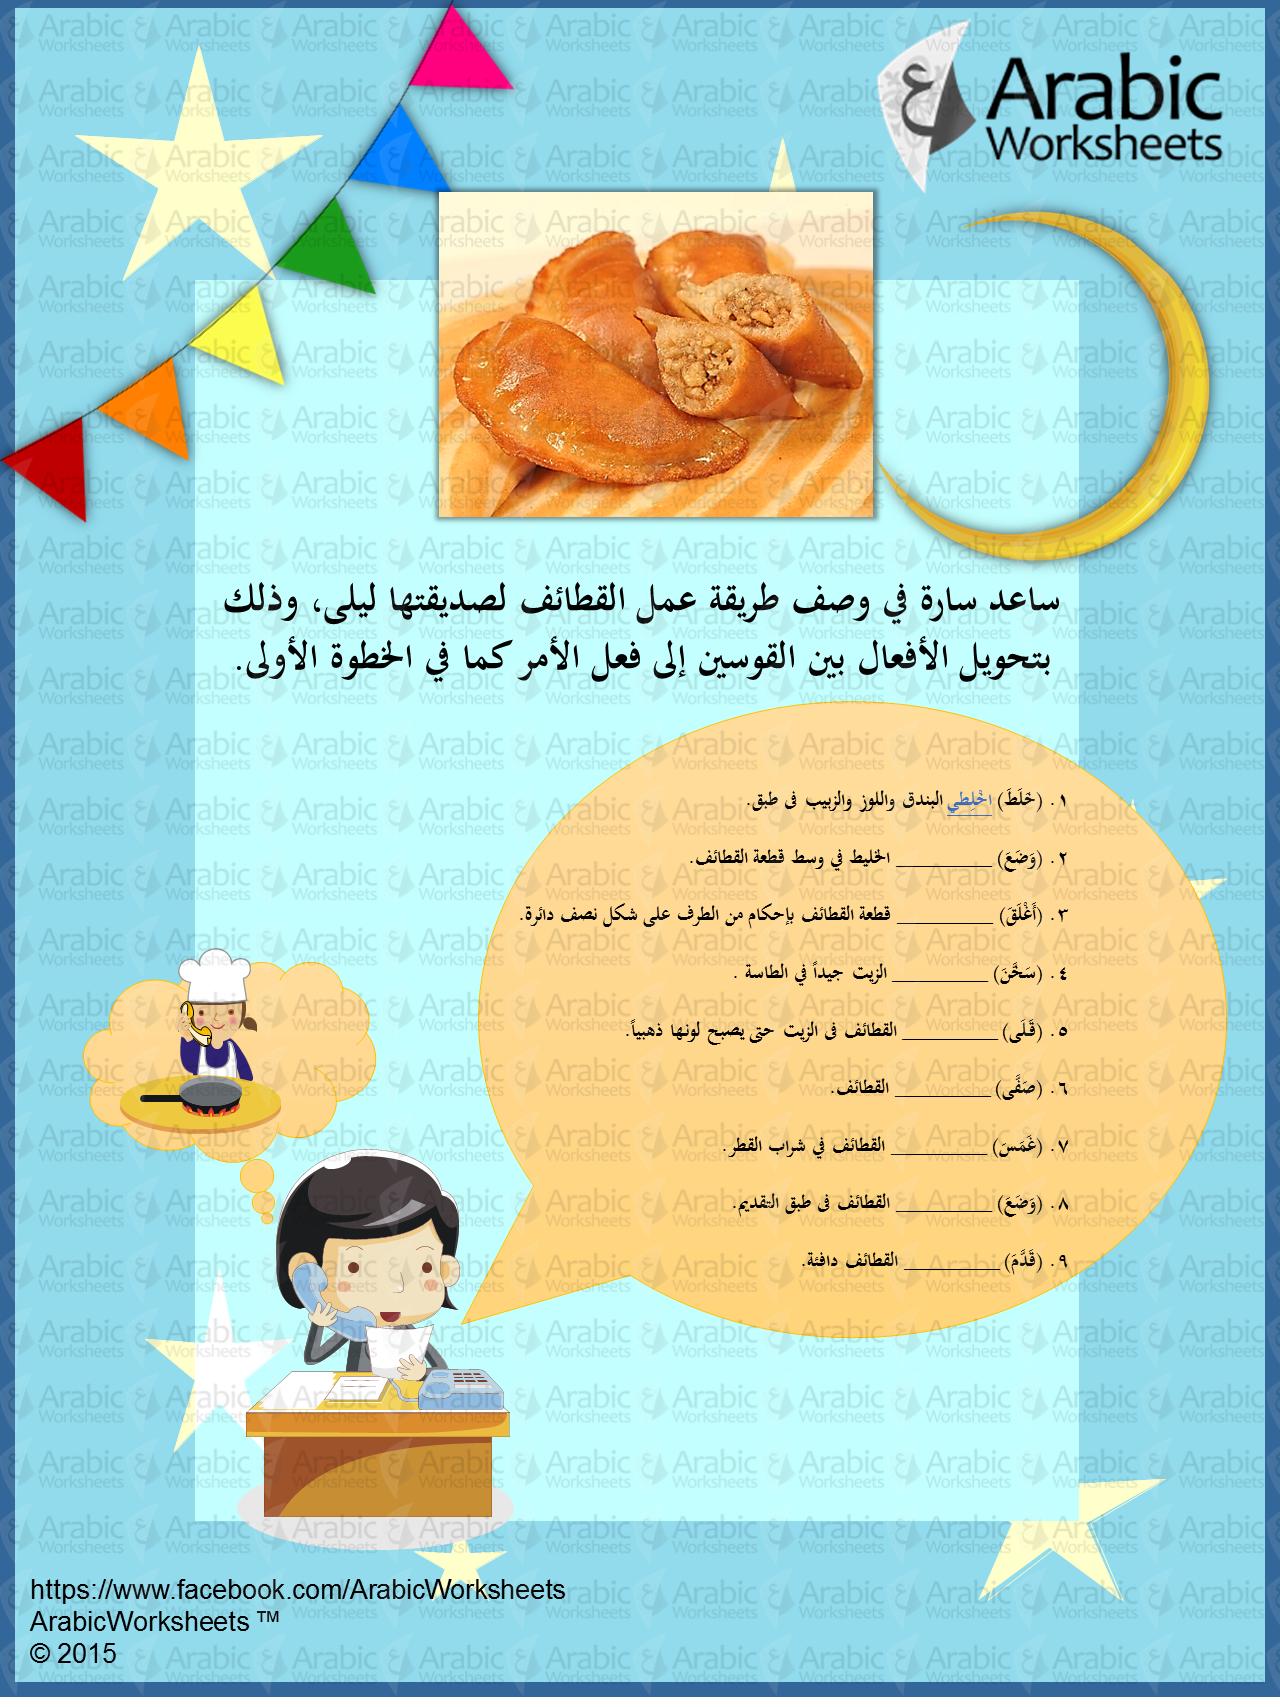 تدريب على استخدام فعل الأمر قطائف رمضان Arabic Worksheets Student Activities Learning